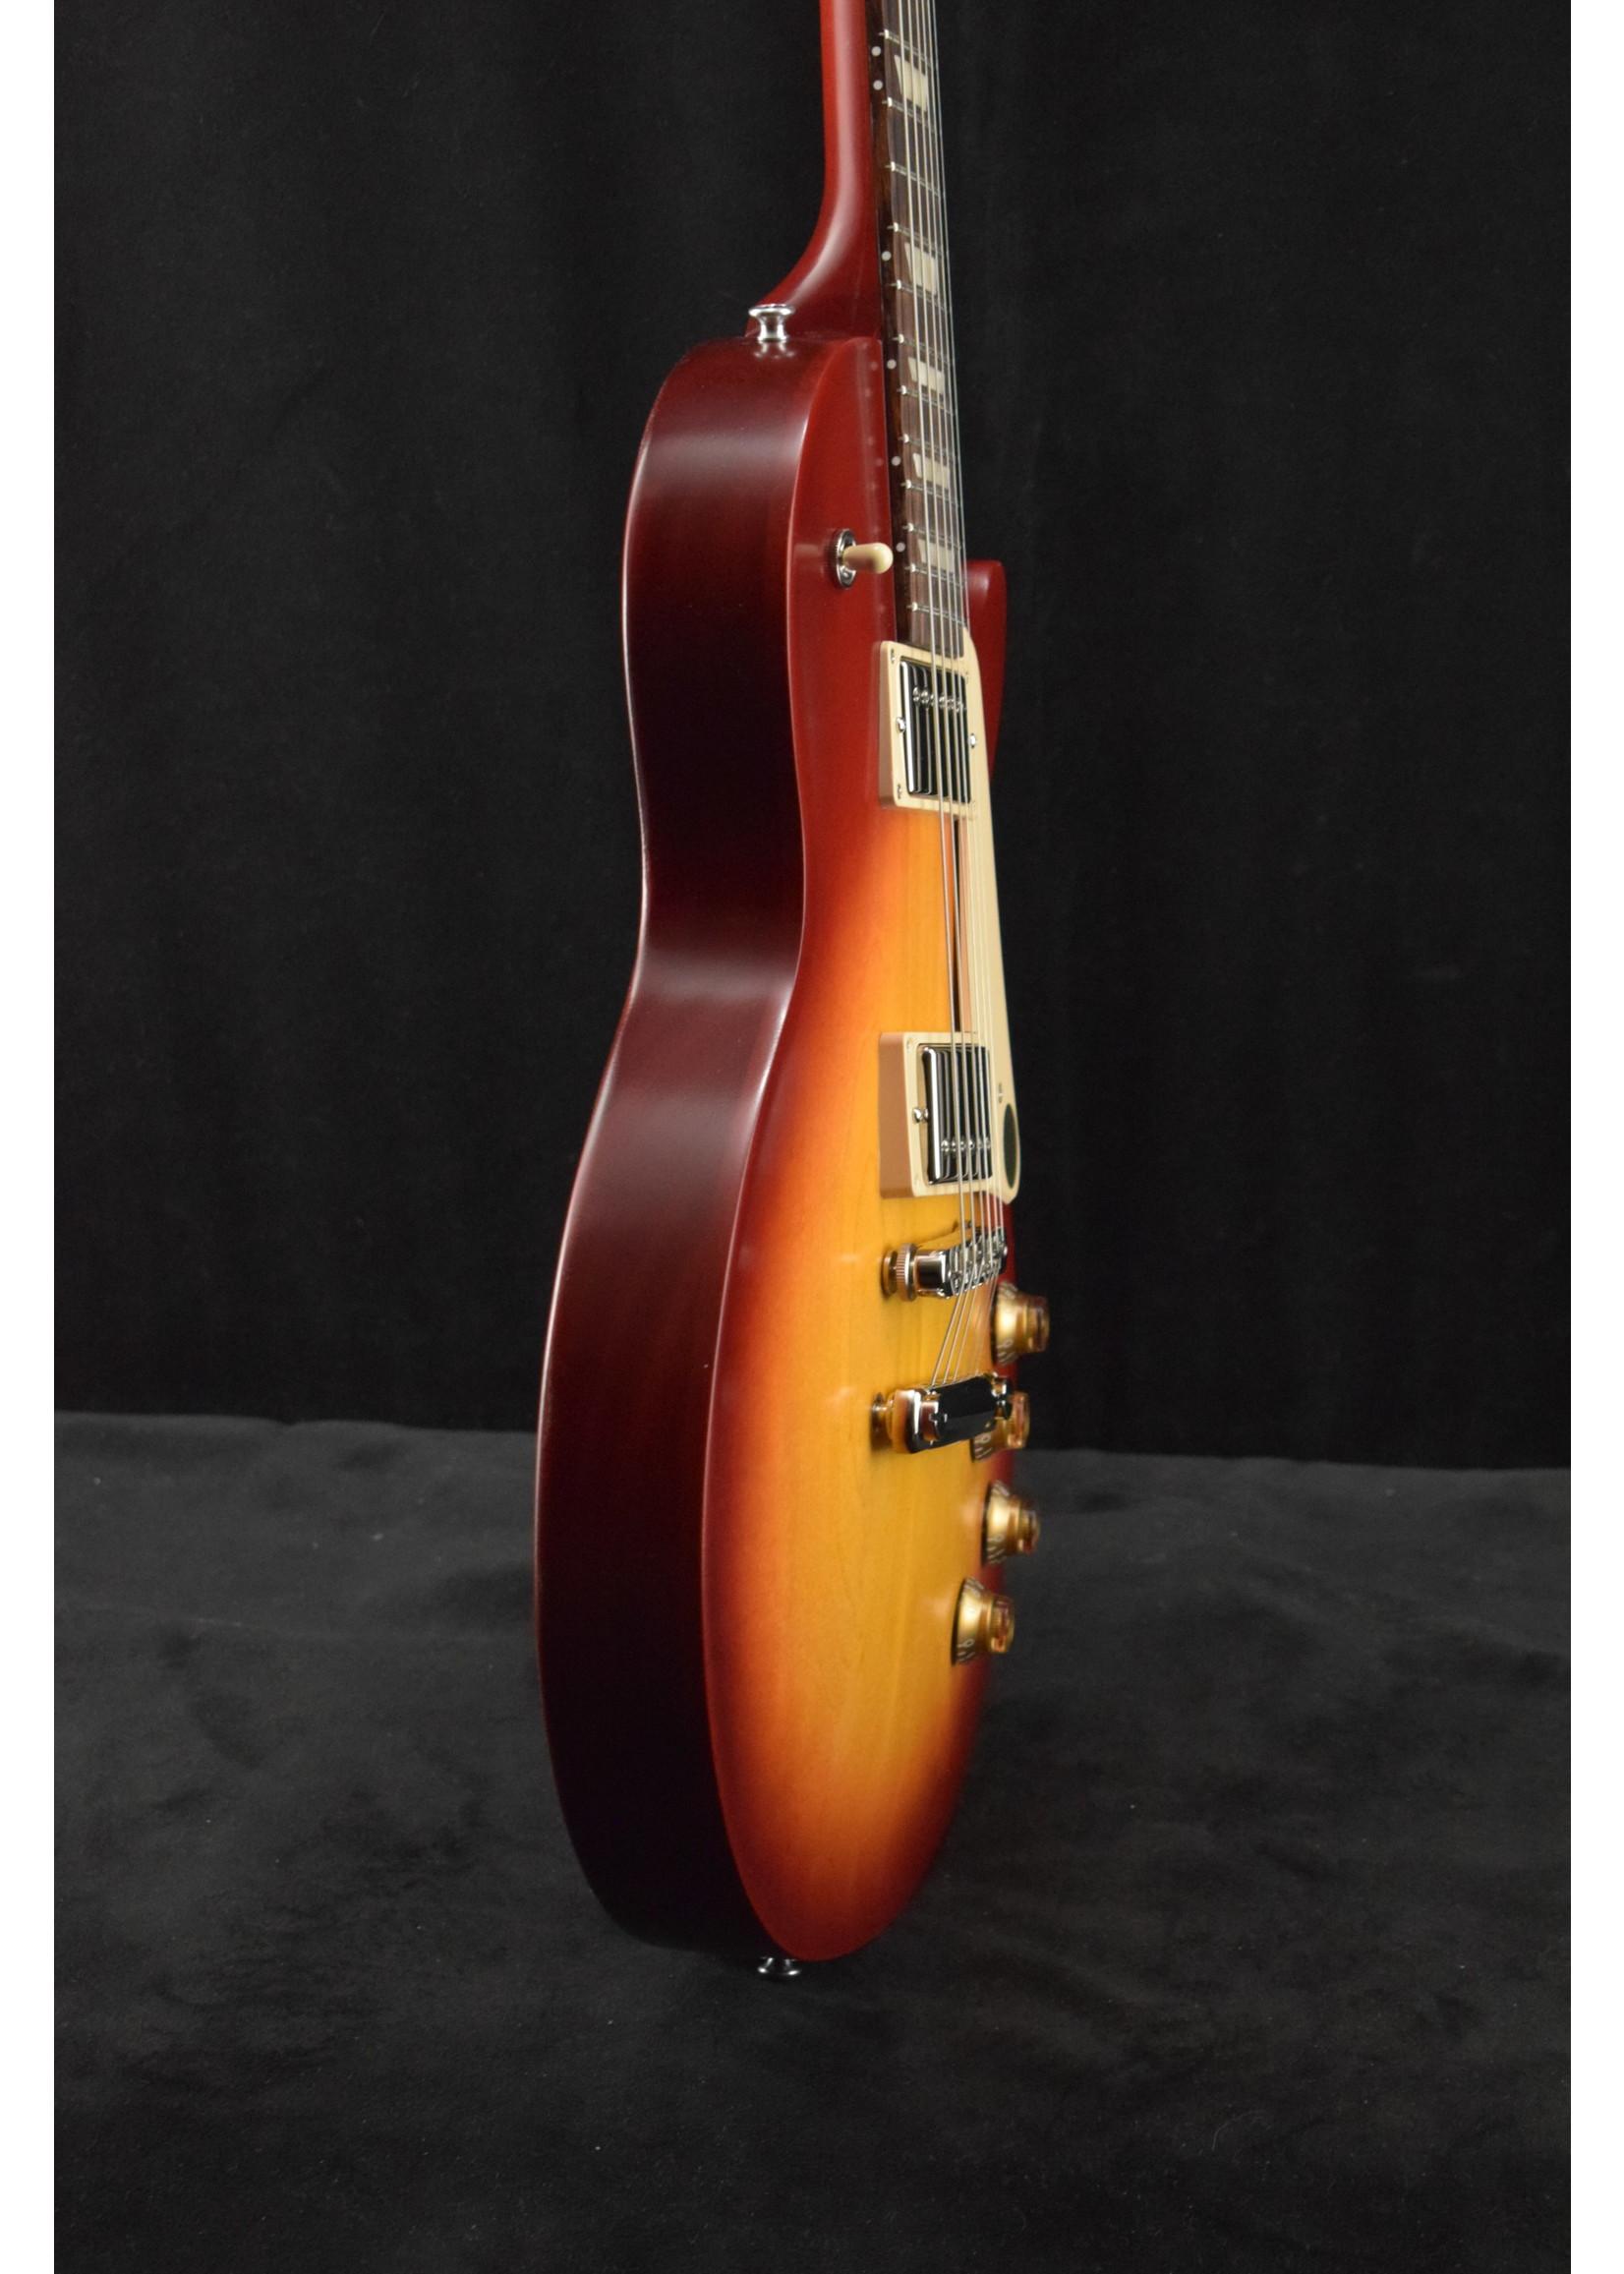 Gibson Gibson Les Paul Tribute Satin Cherry Sunburst